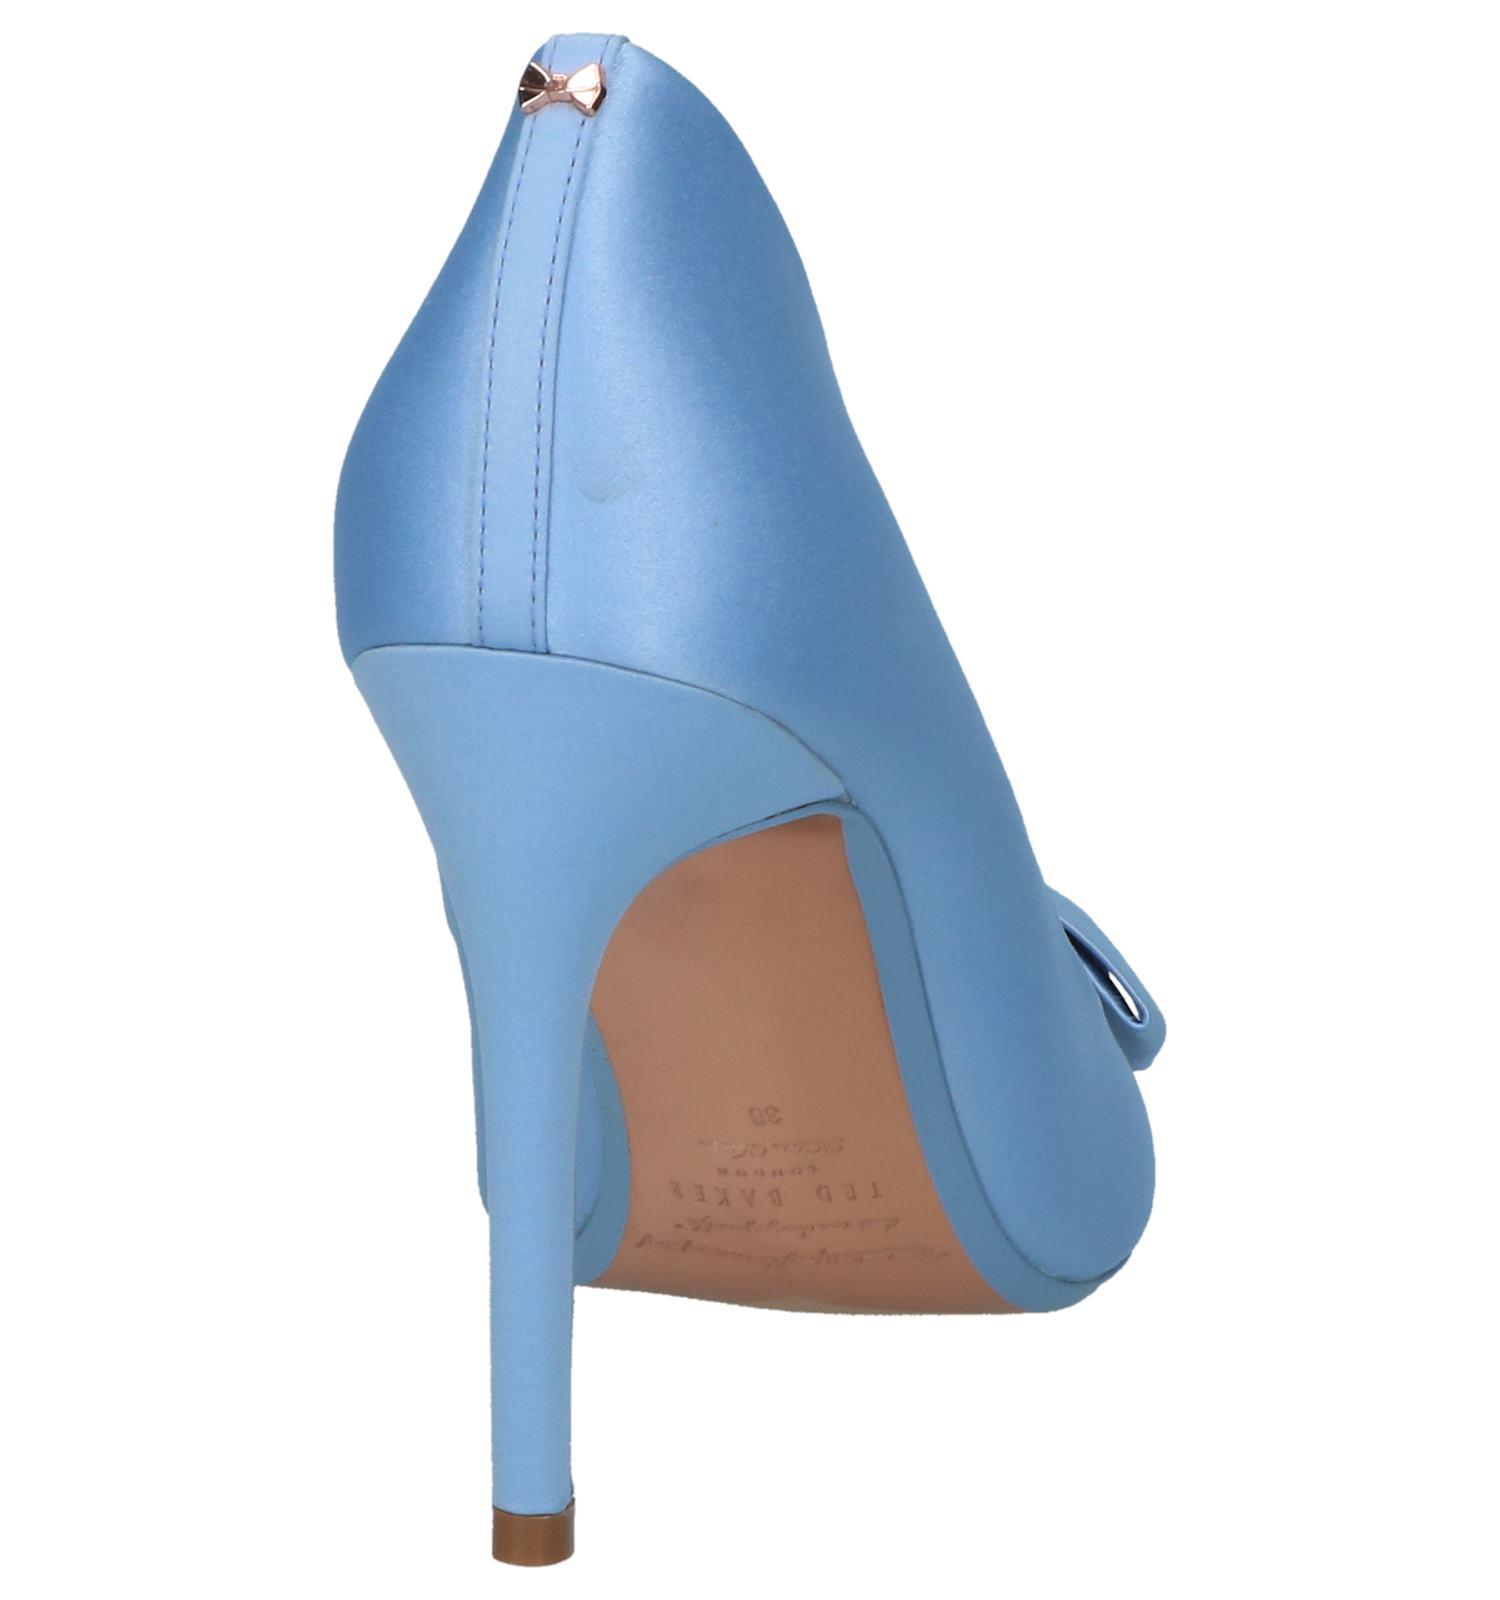 Pumps High 2 Heel Baker Ted Skalet Lichtblauwe gfb6y7